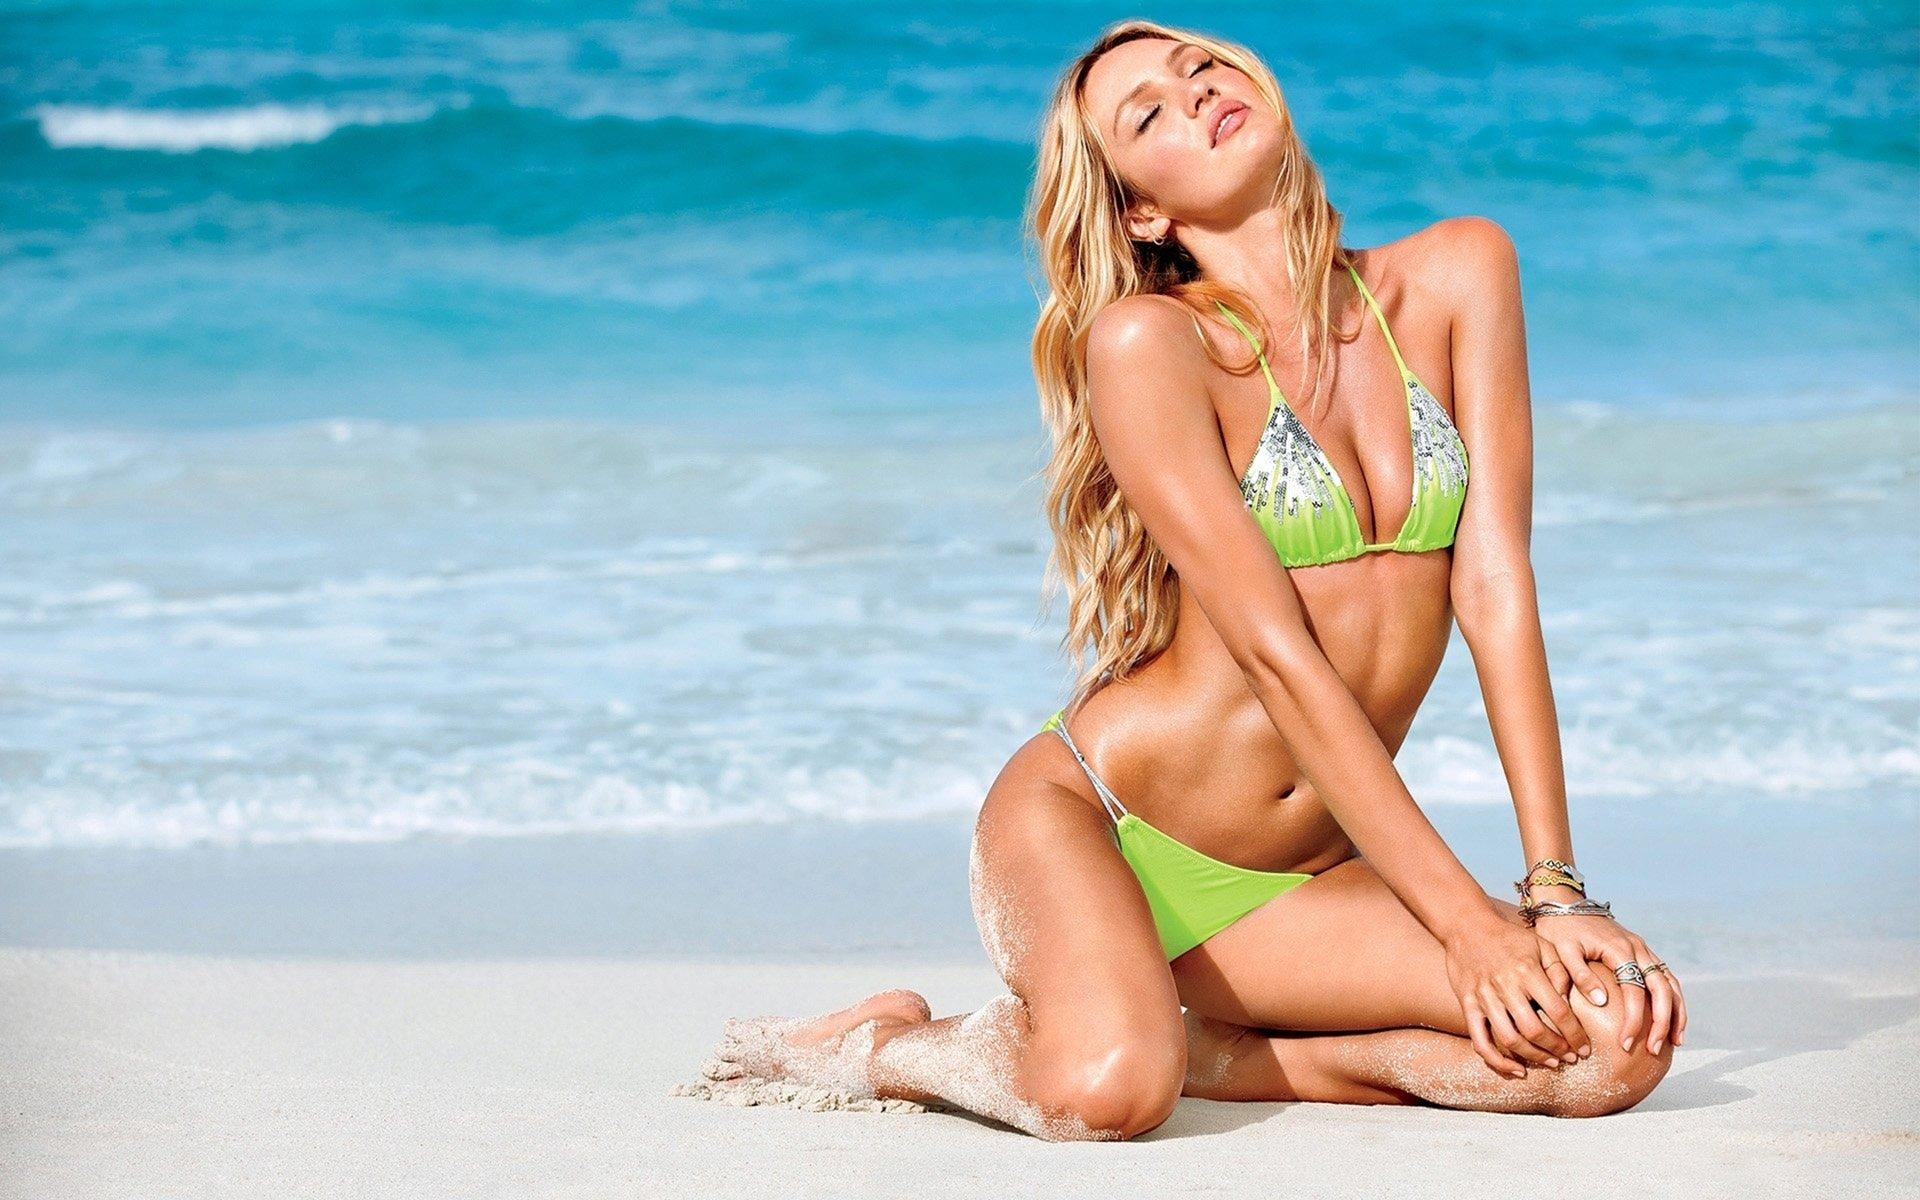 candice-swanepoel-in-bikini